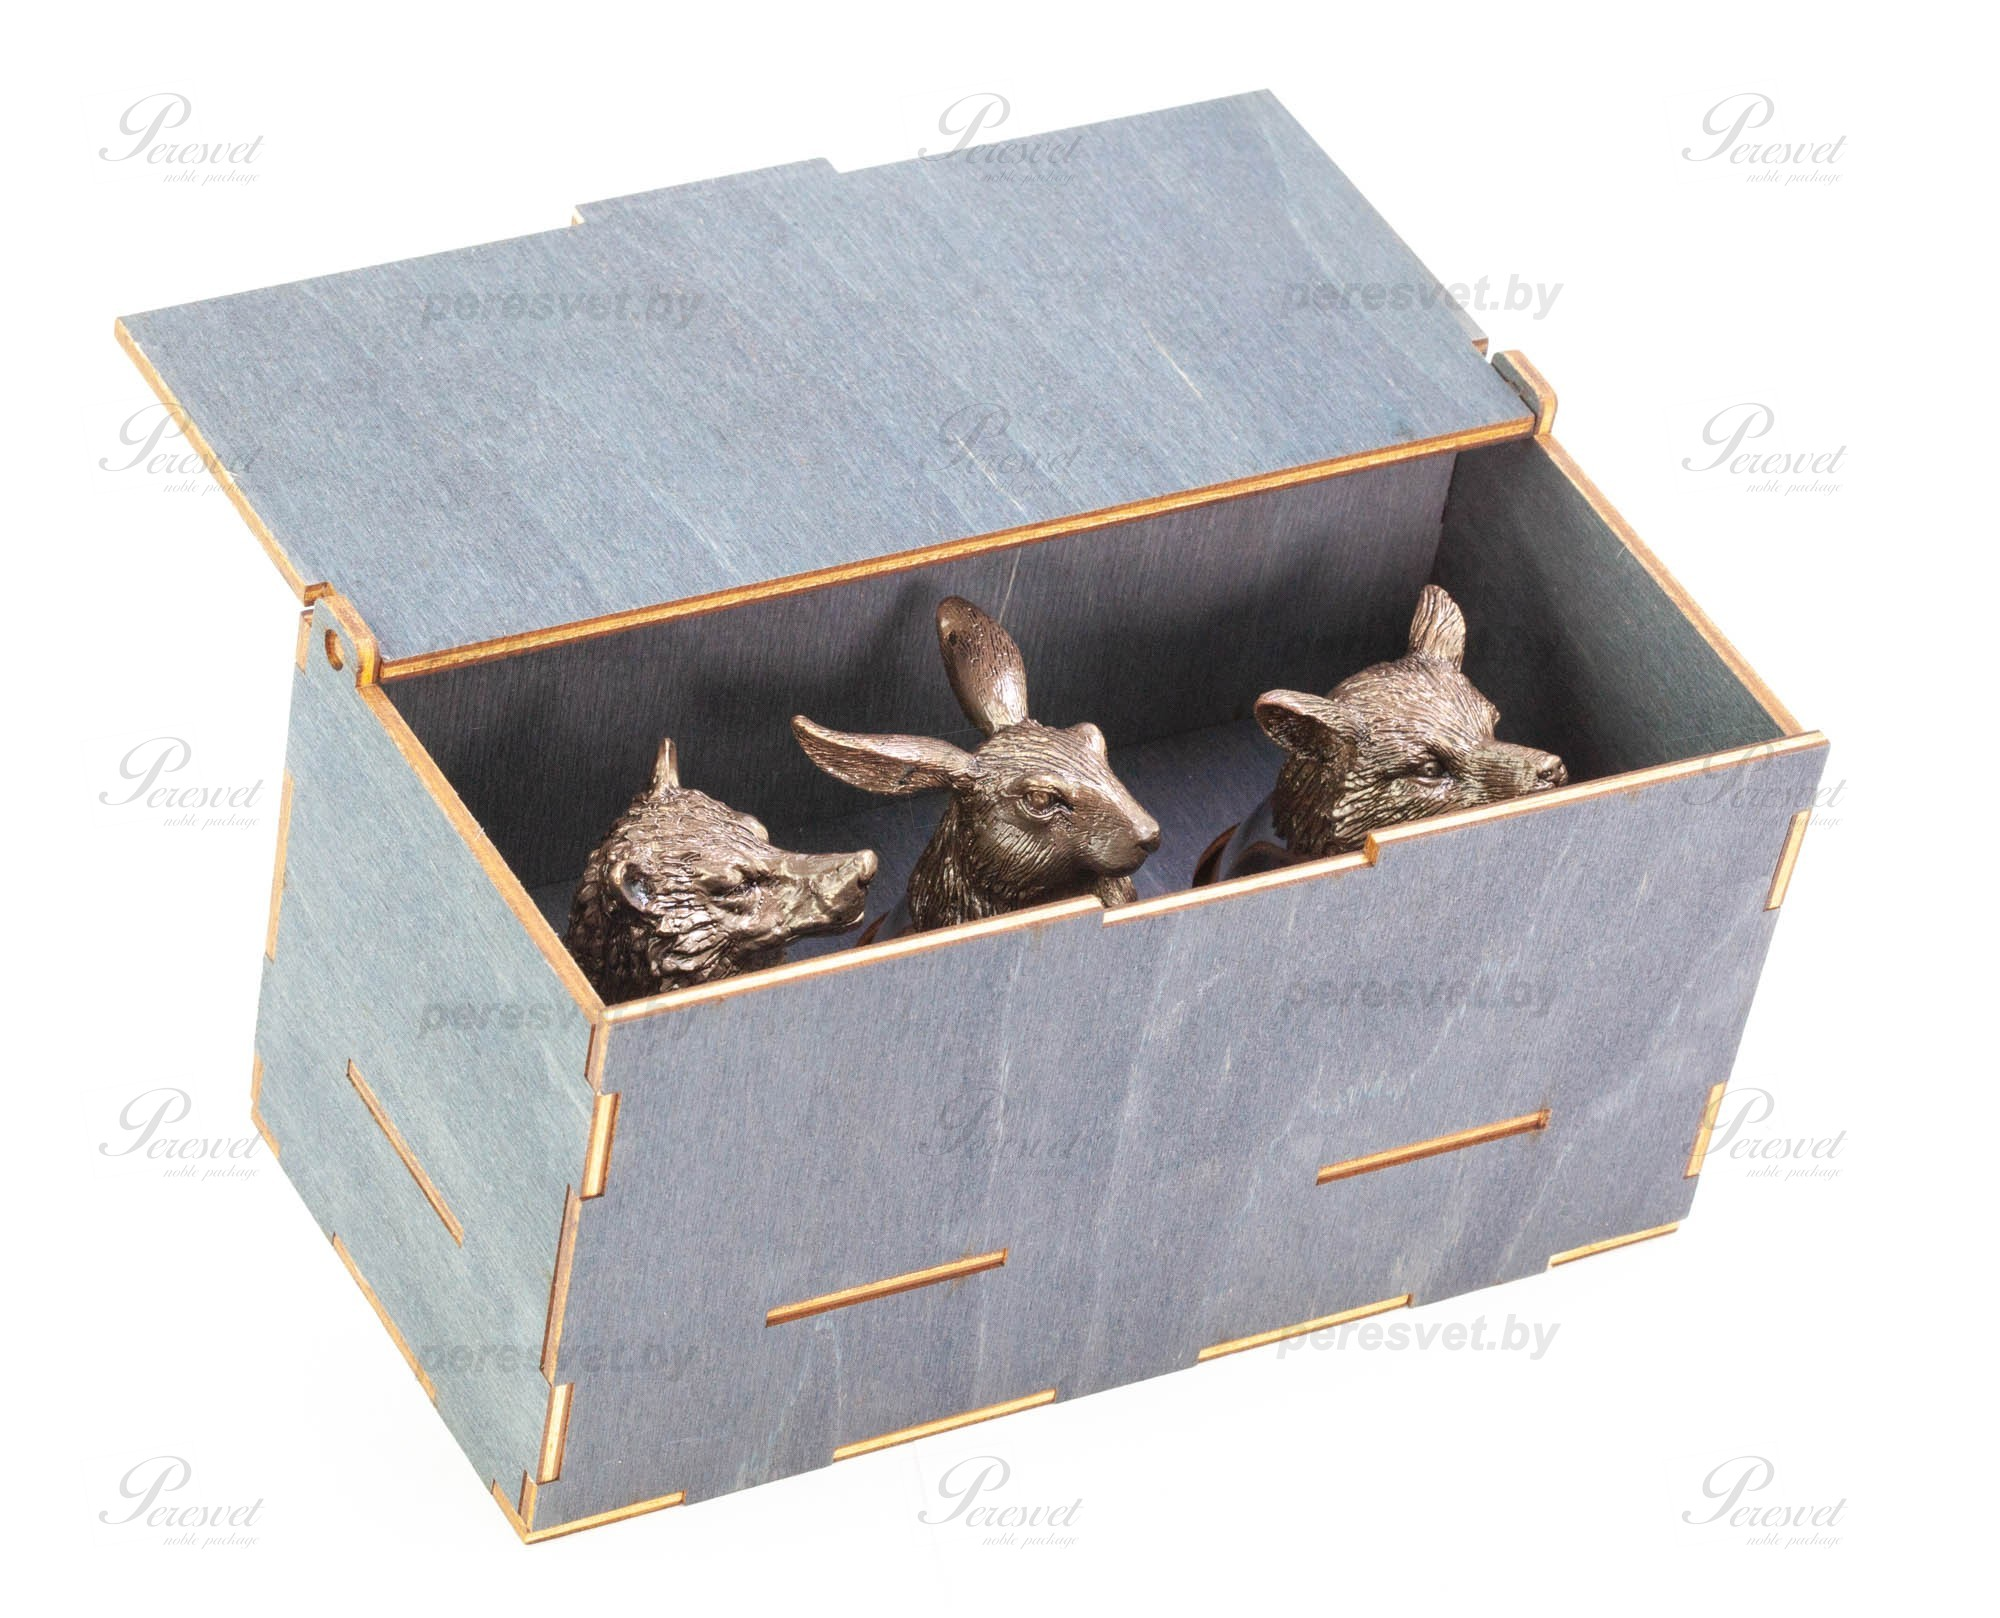 Набор рюмок перевертышей Three Premium в деревянной шкатулке на peresvet.by